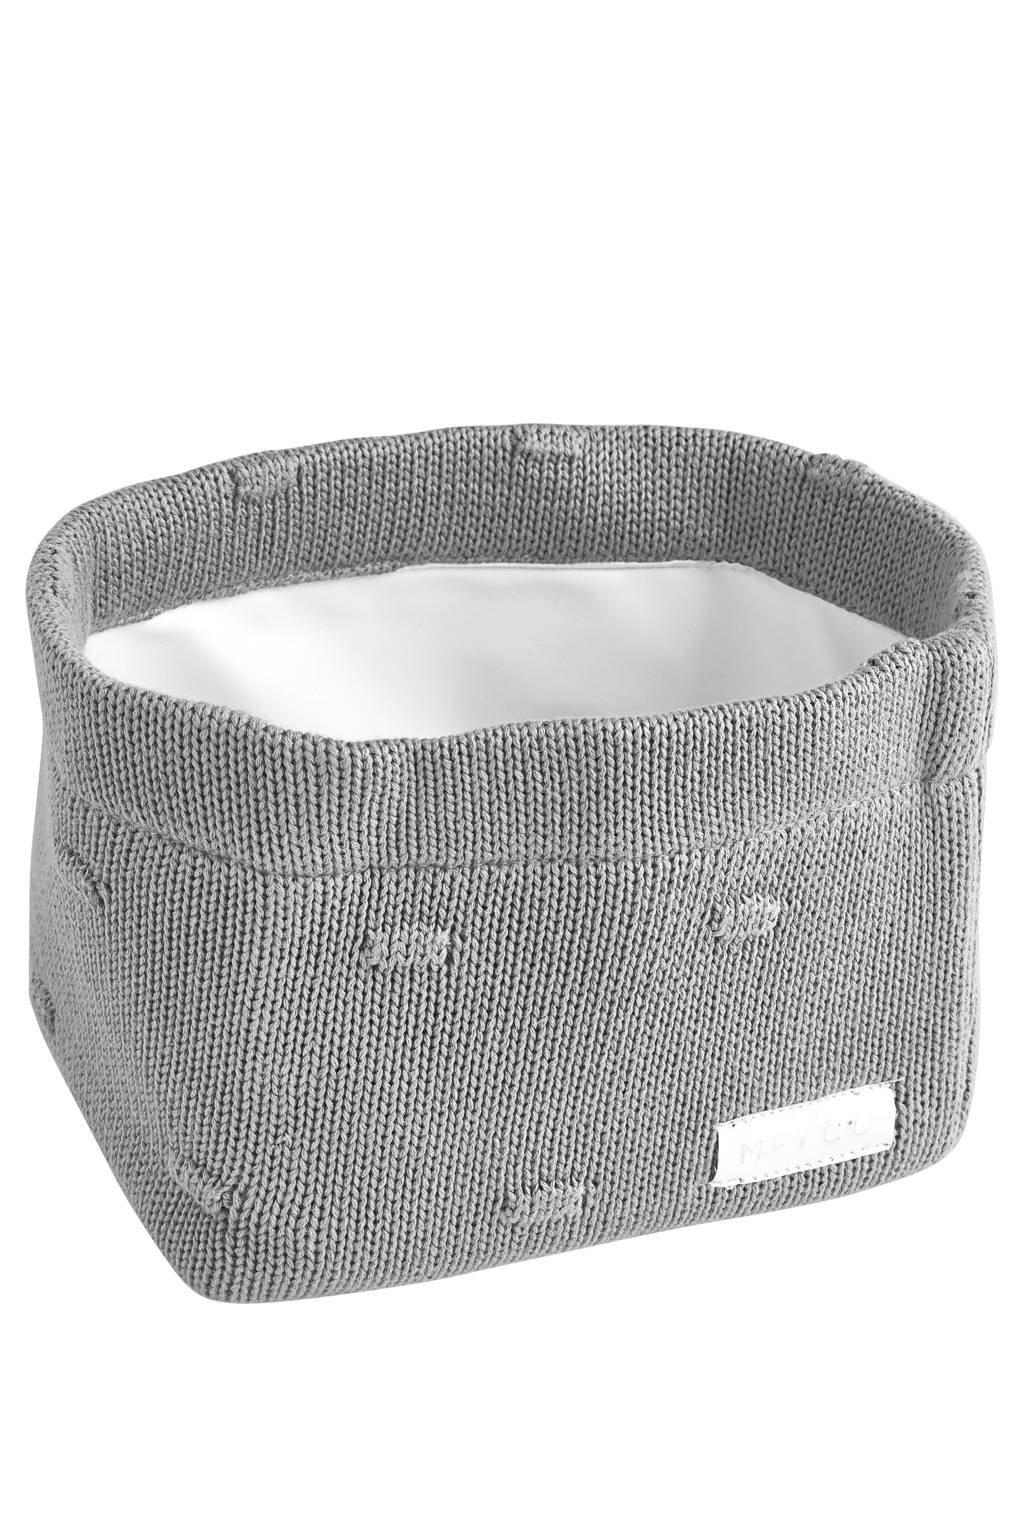 Meyco commodemand small Knots 16x16x21 cm grijs, Grijs